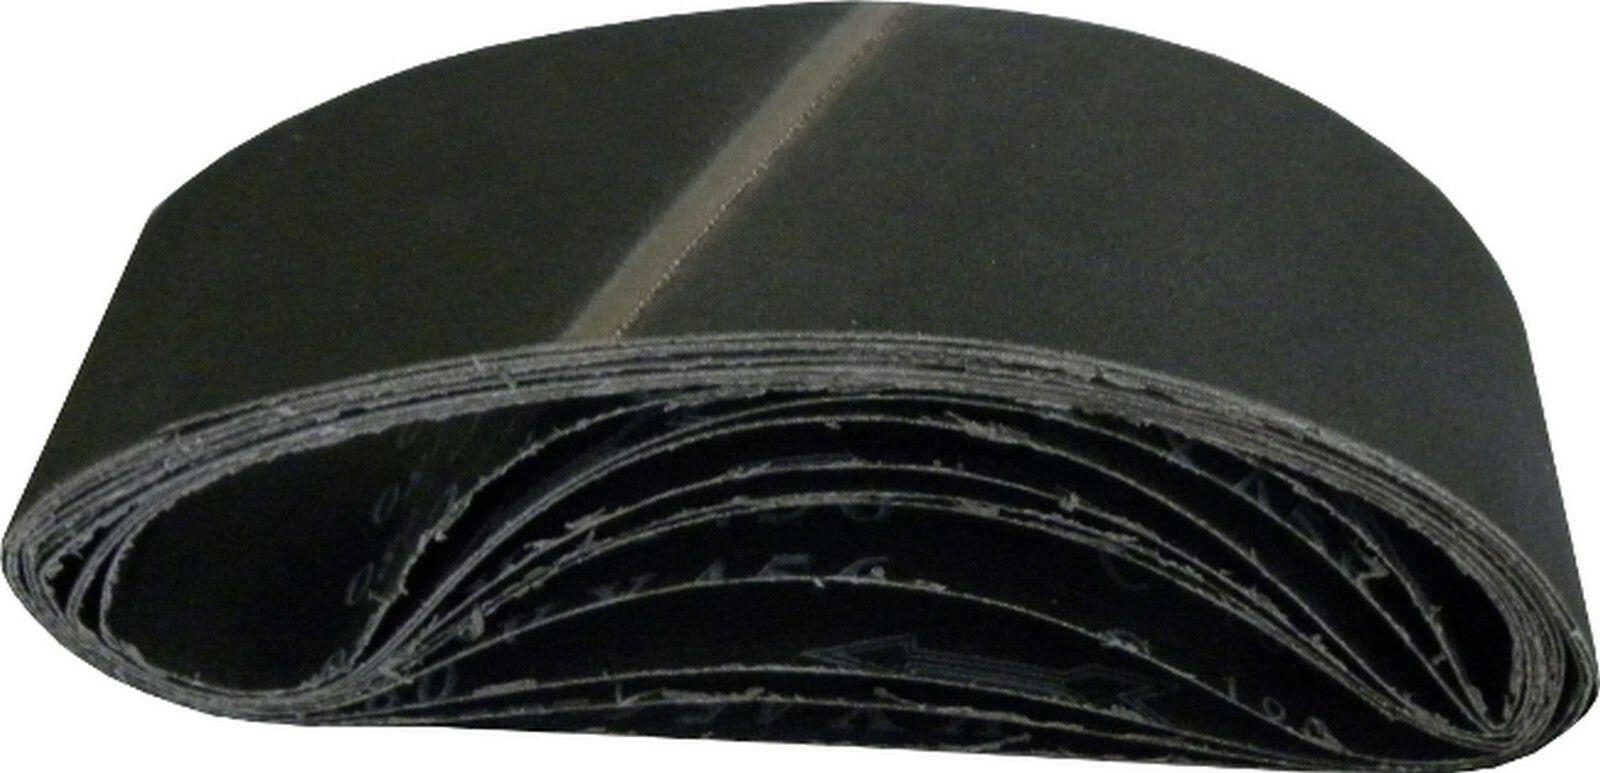 Plátno brusné nekonečný pás, 75x533mm, P120 GEKO